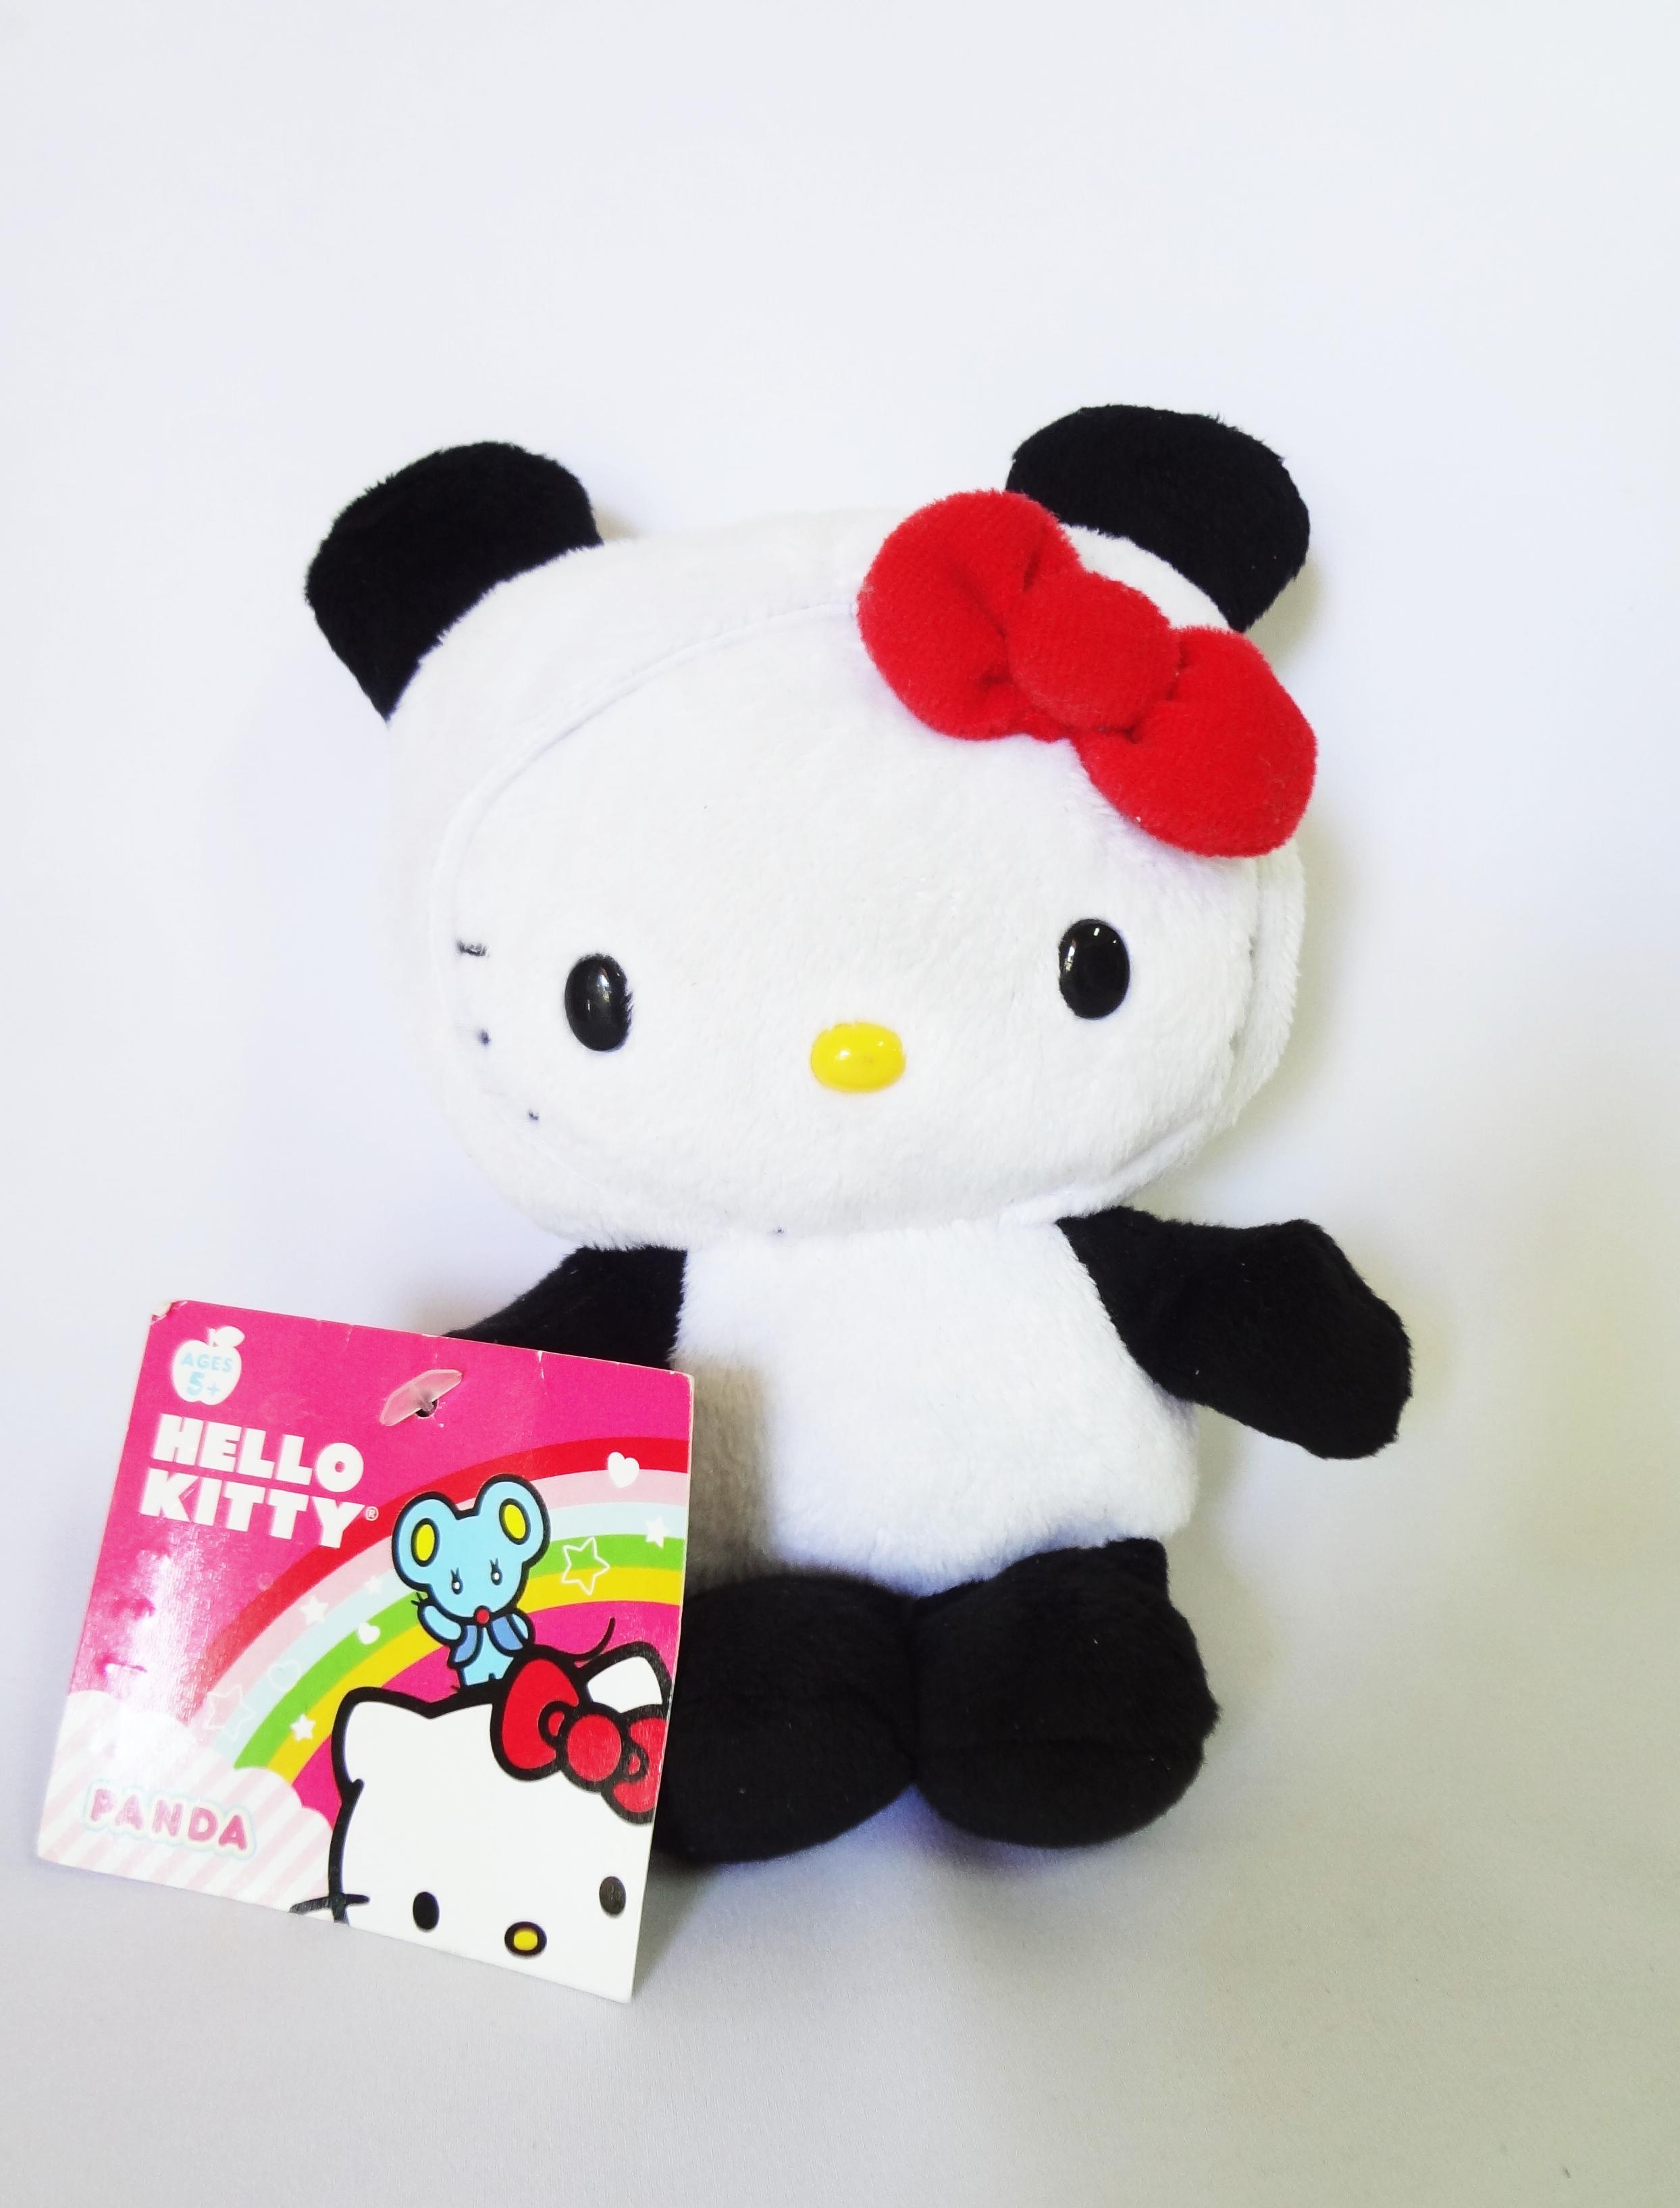 ตุ๊กตา Hello Kitty : Panda Sanrio Jakks Pacific